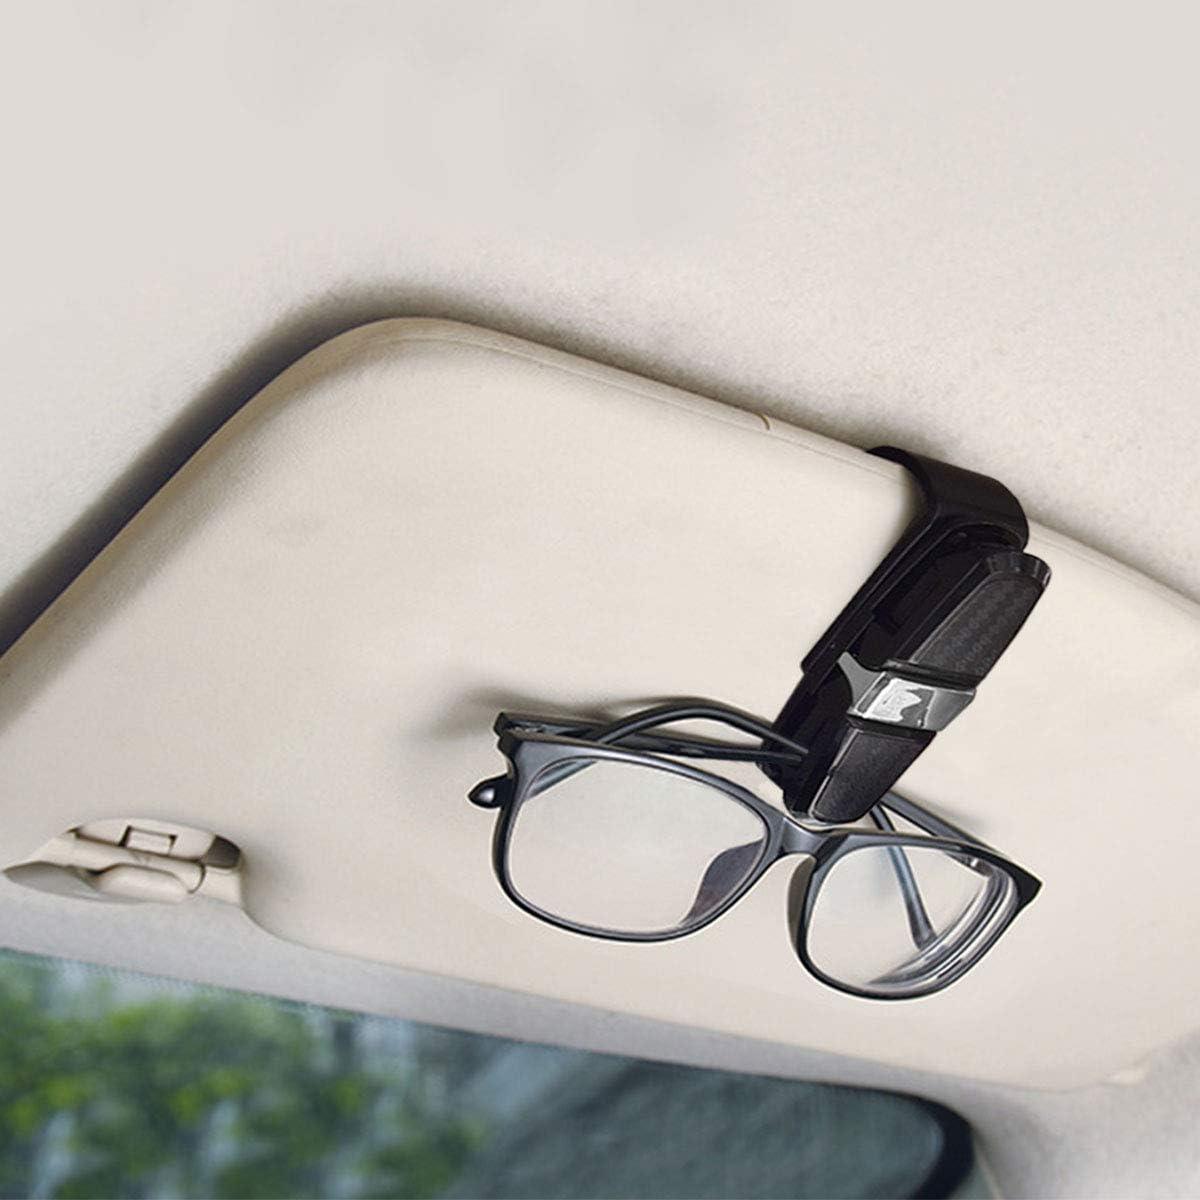 Auto Brillenhalter Sonnenbrillenhalter f/ür Auto Sonnenblende RBNANA 2 Pack